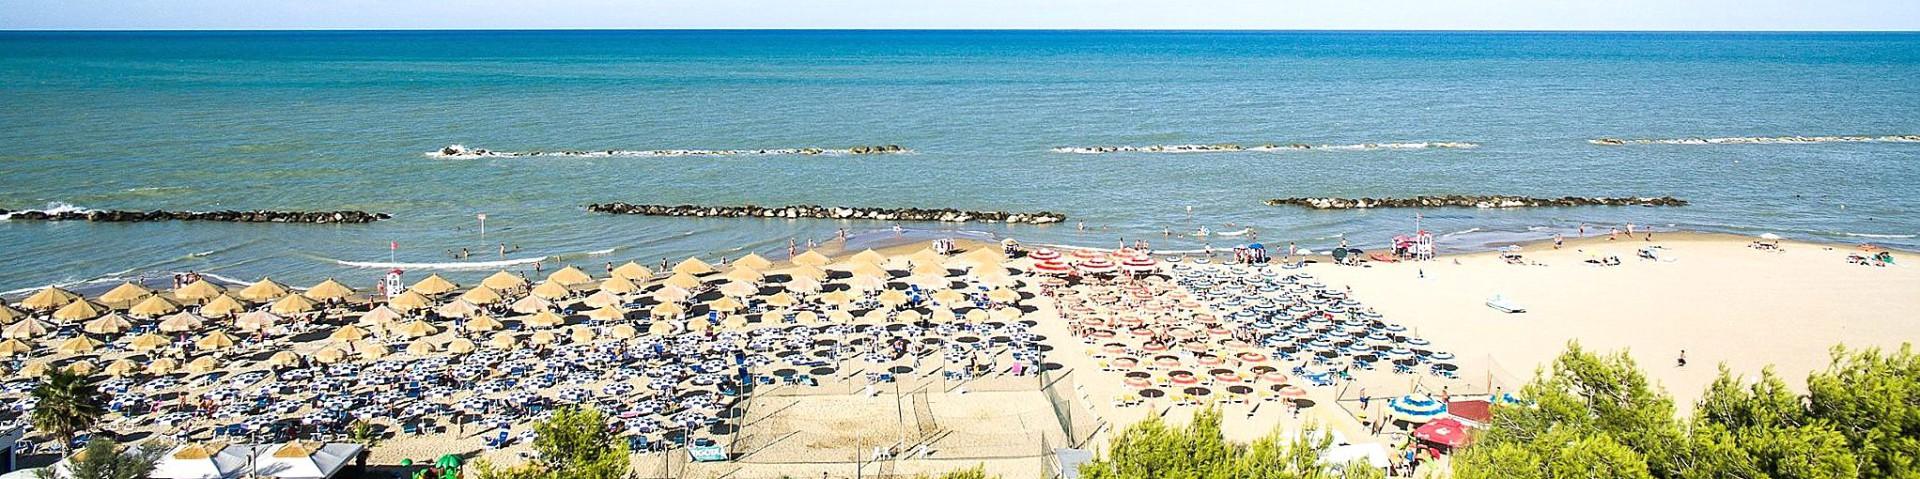 Montesilvano Marina, pláže jsou tu písčité a převážně s plážovým servisem